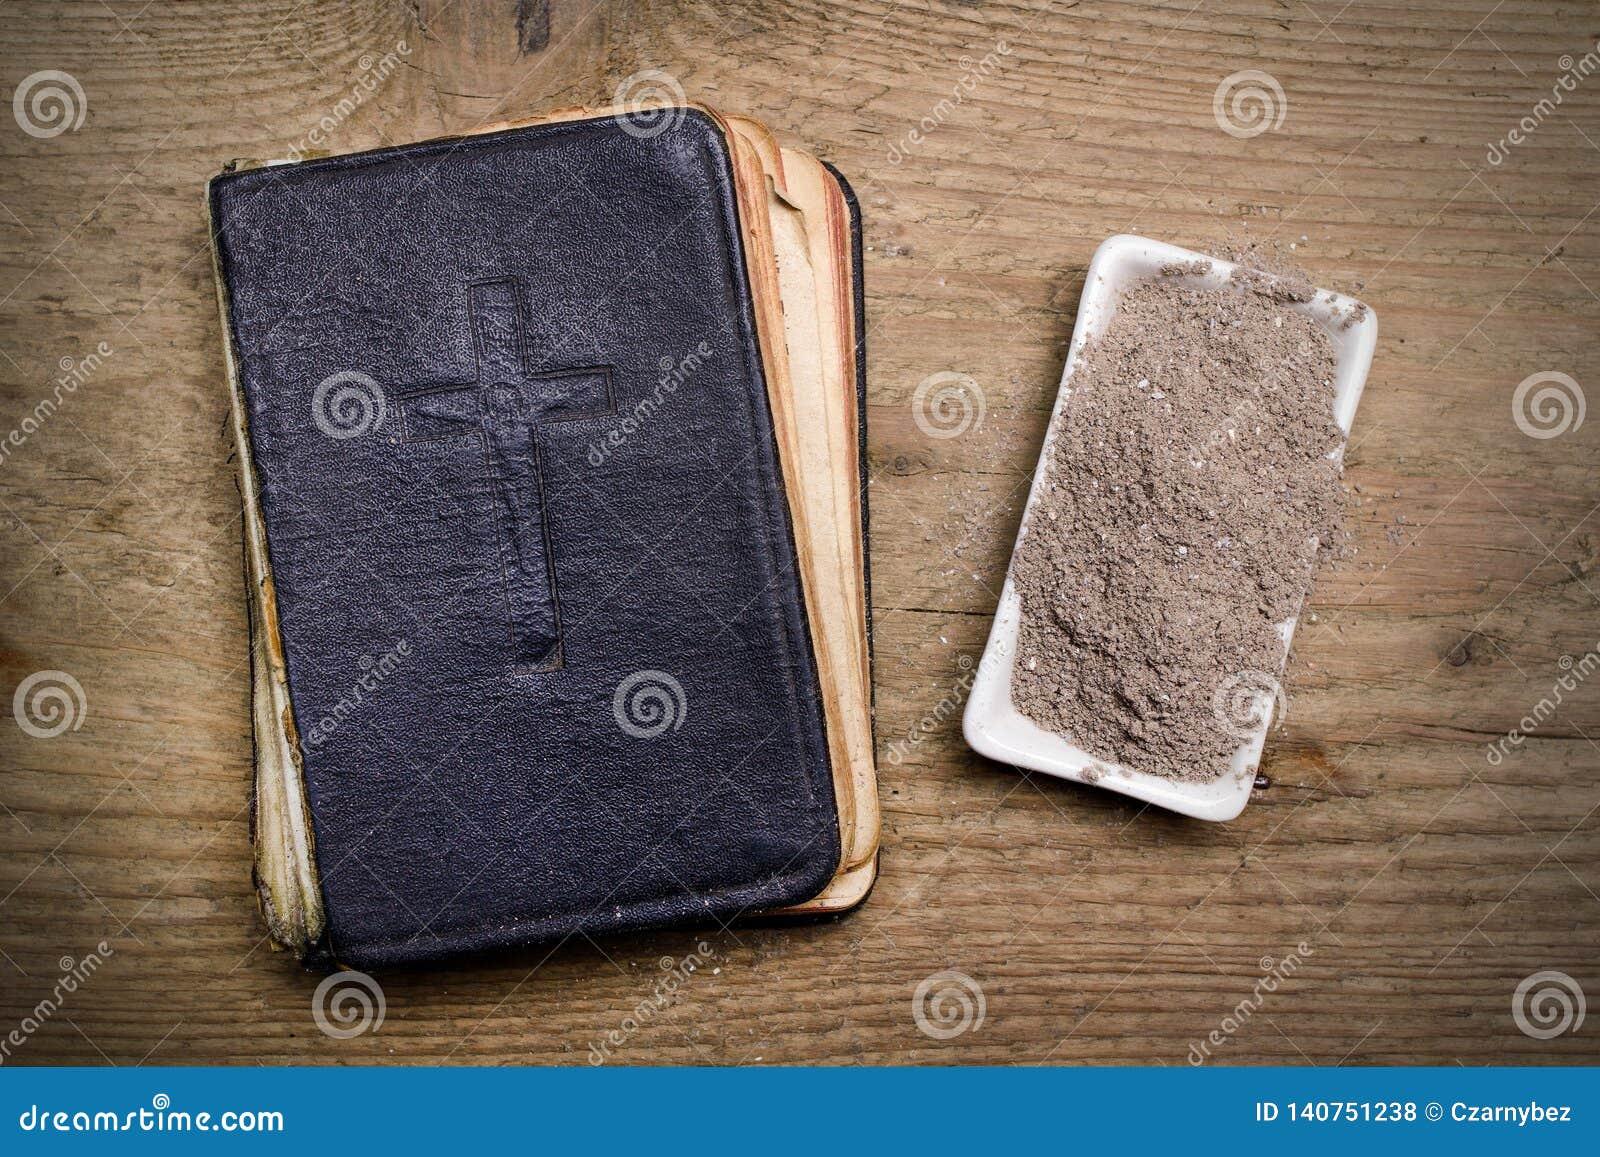 Oude Bijbel, Kruis en as op houten achtergrond - Ash Wednesday